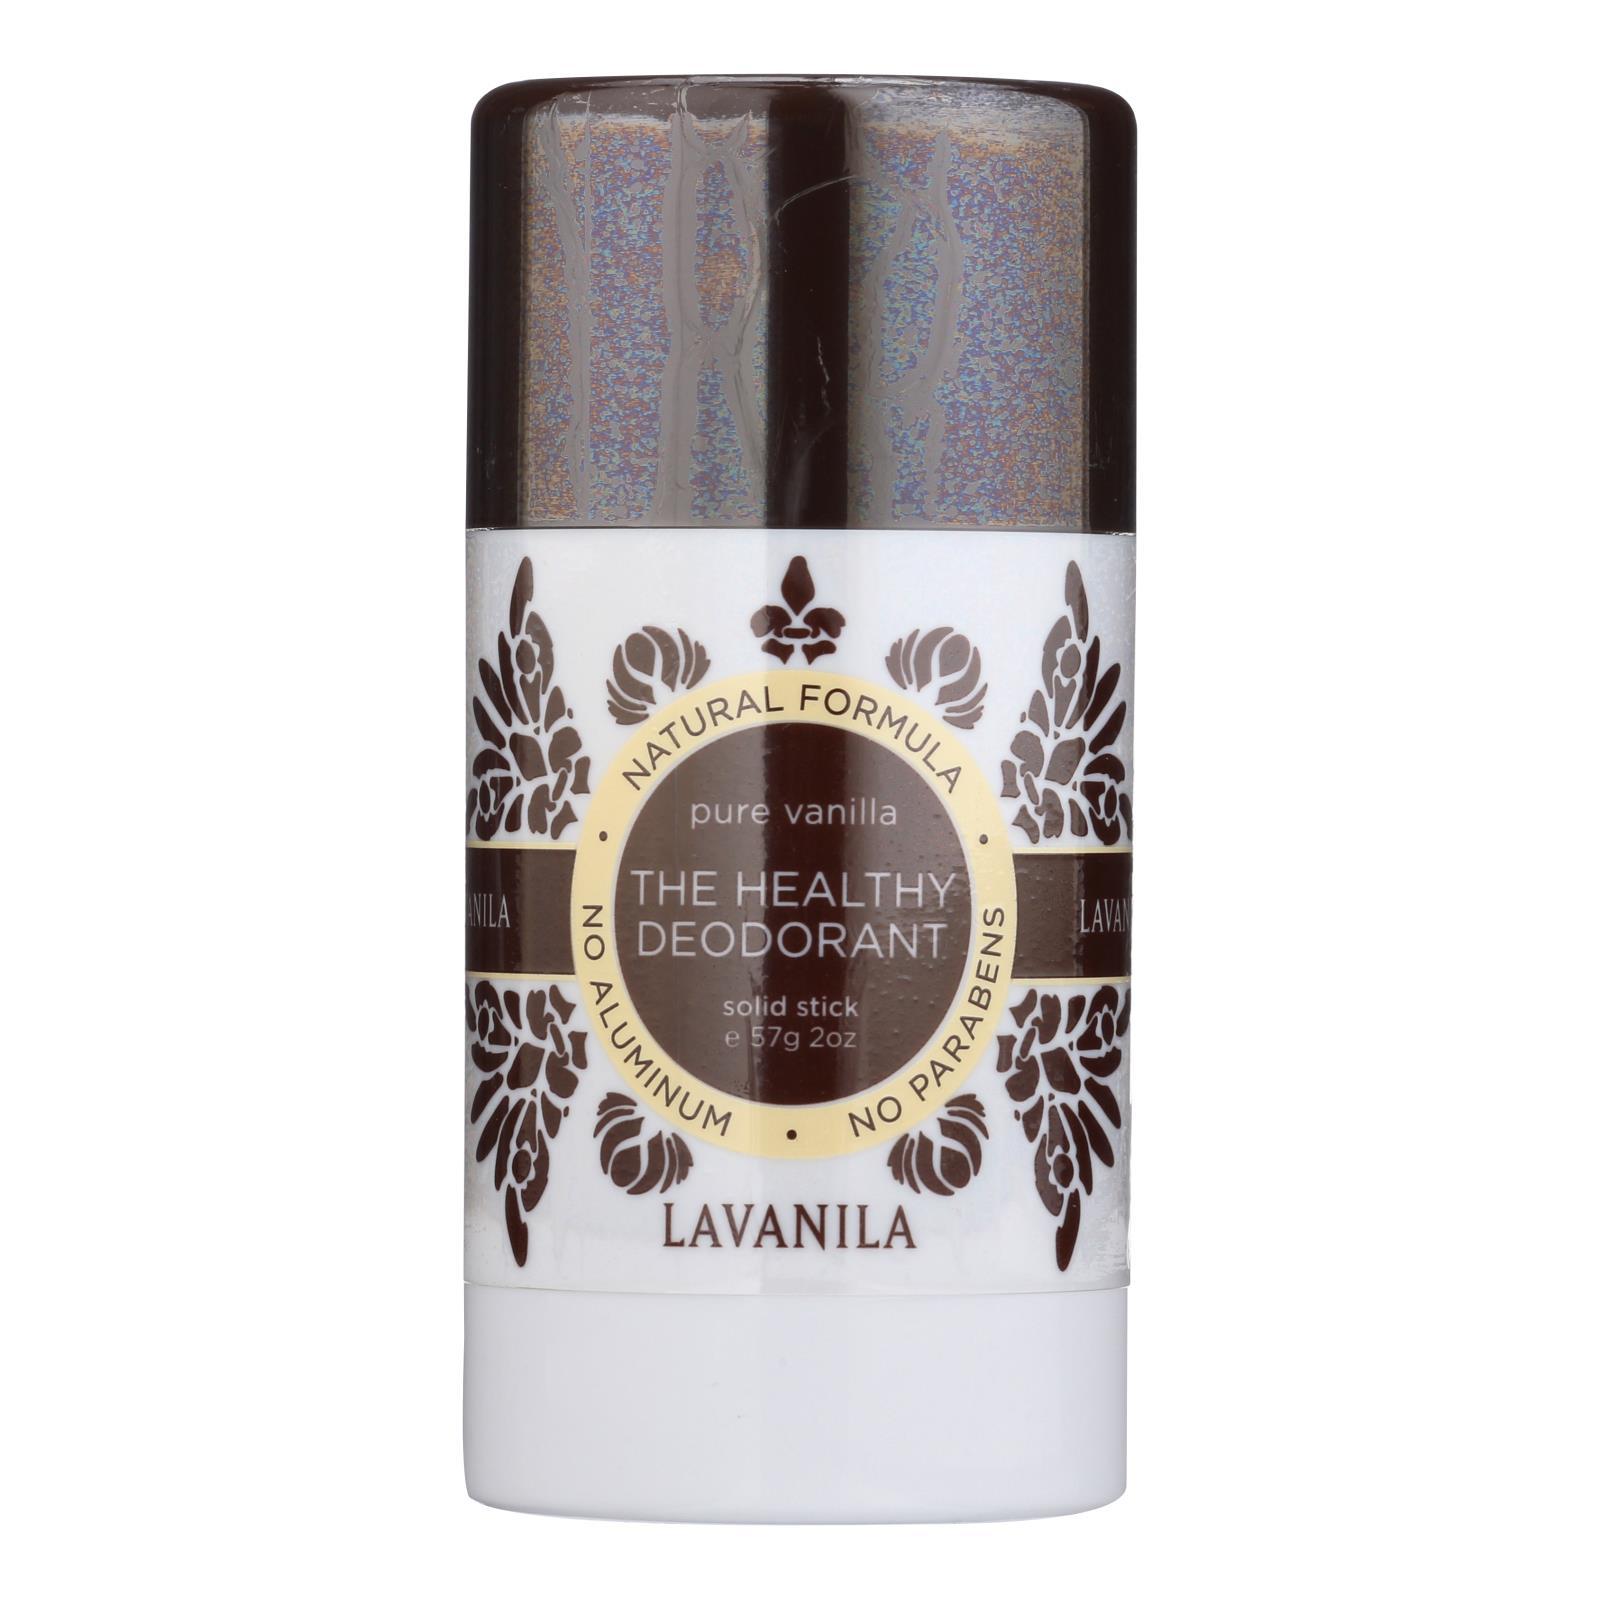 Lavanila Laboratories The Healthy Deodorant - Stick - Pure Vanilla- 2 oz